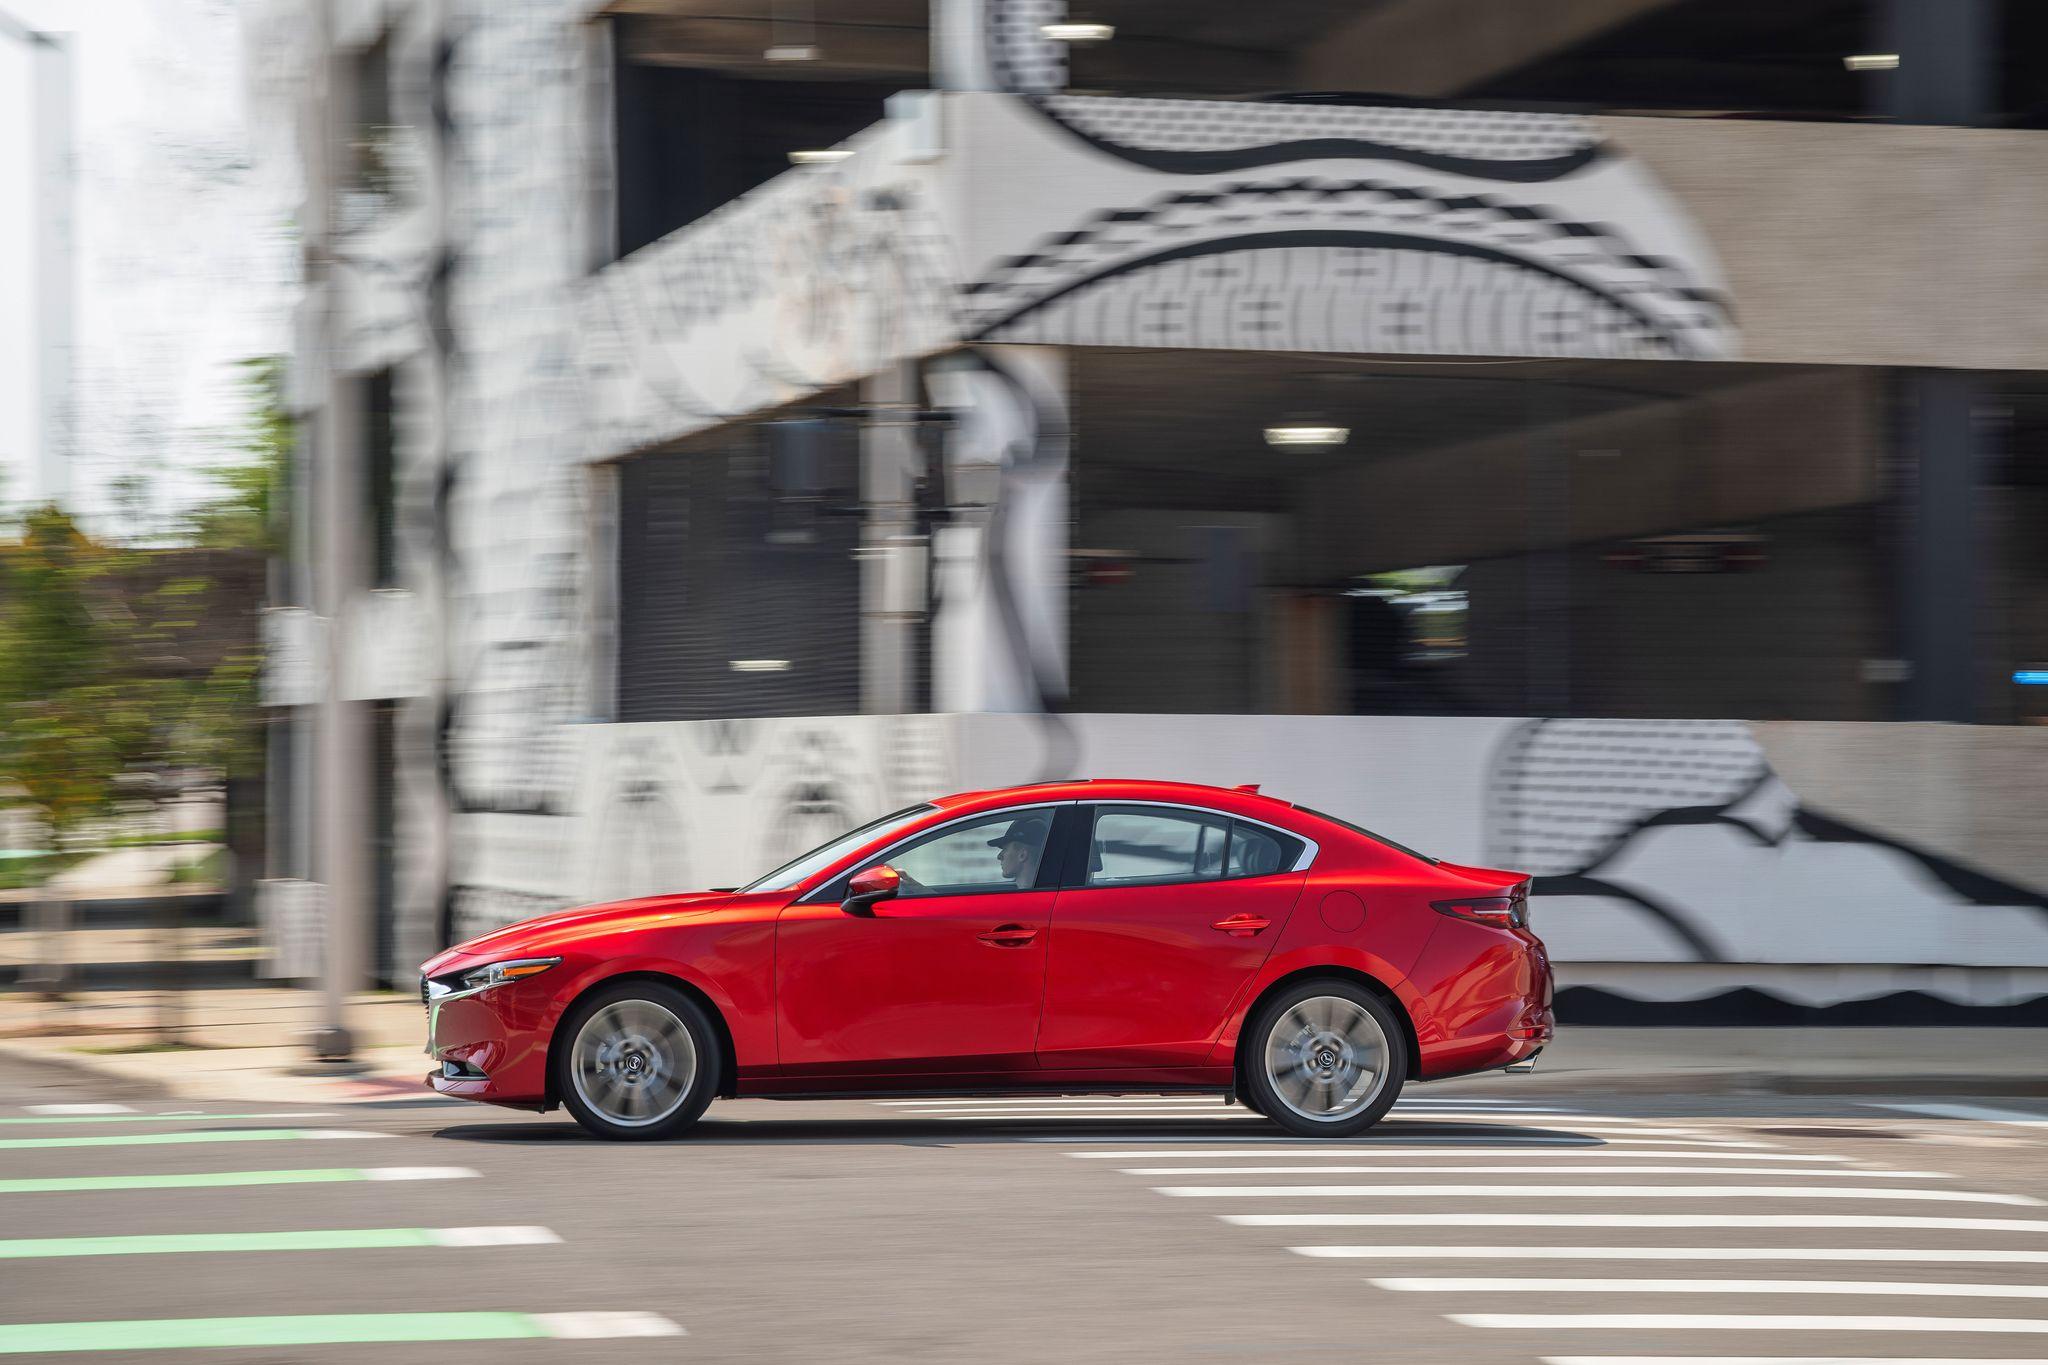 2021 Mazda 3 Premium